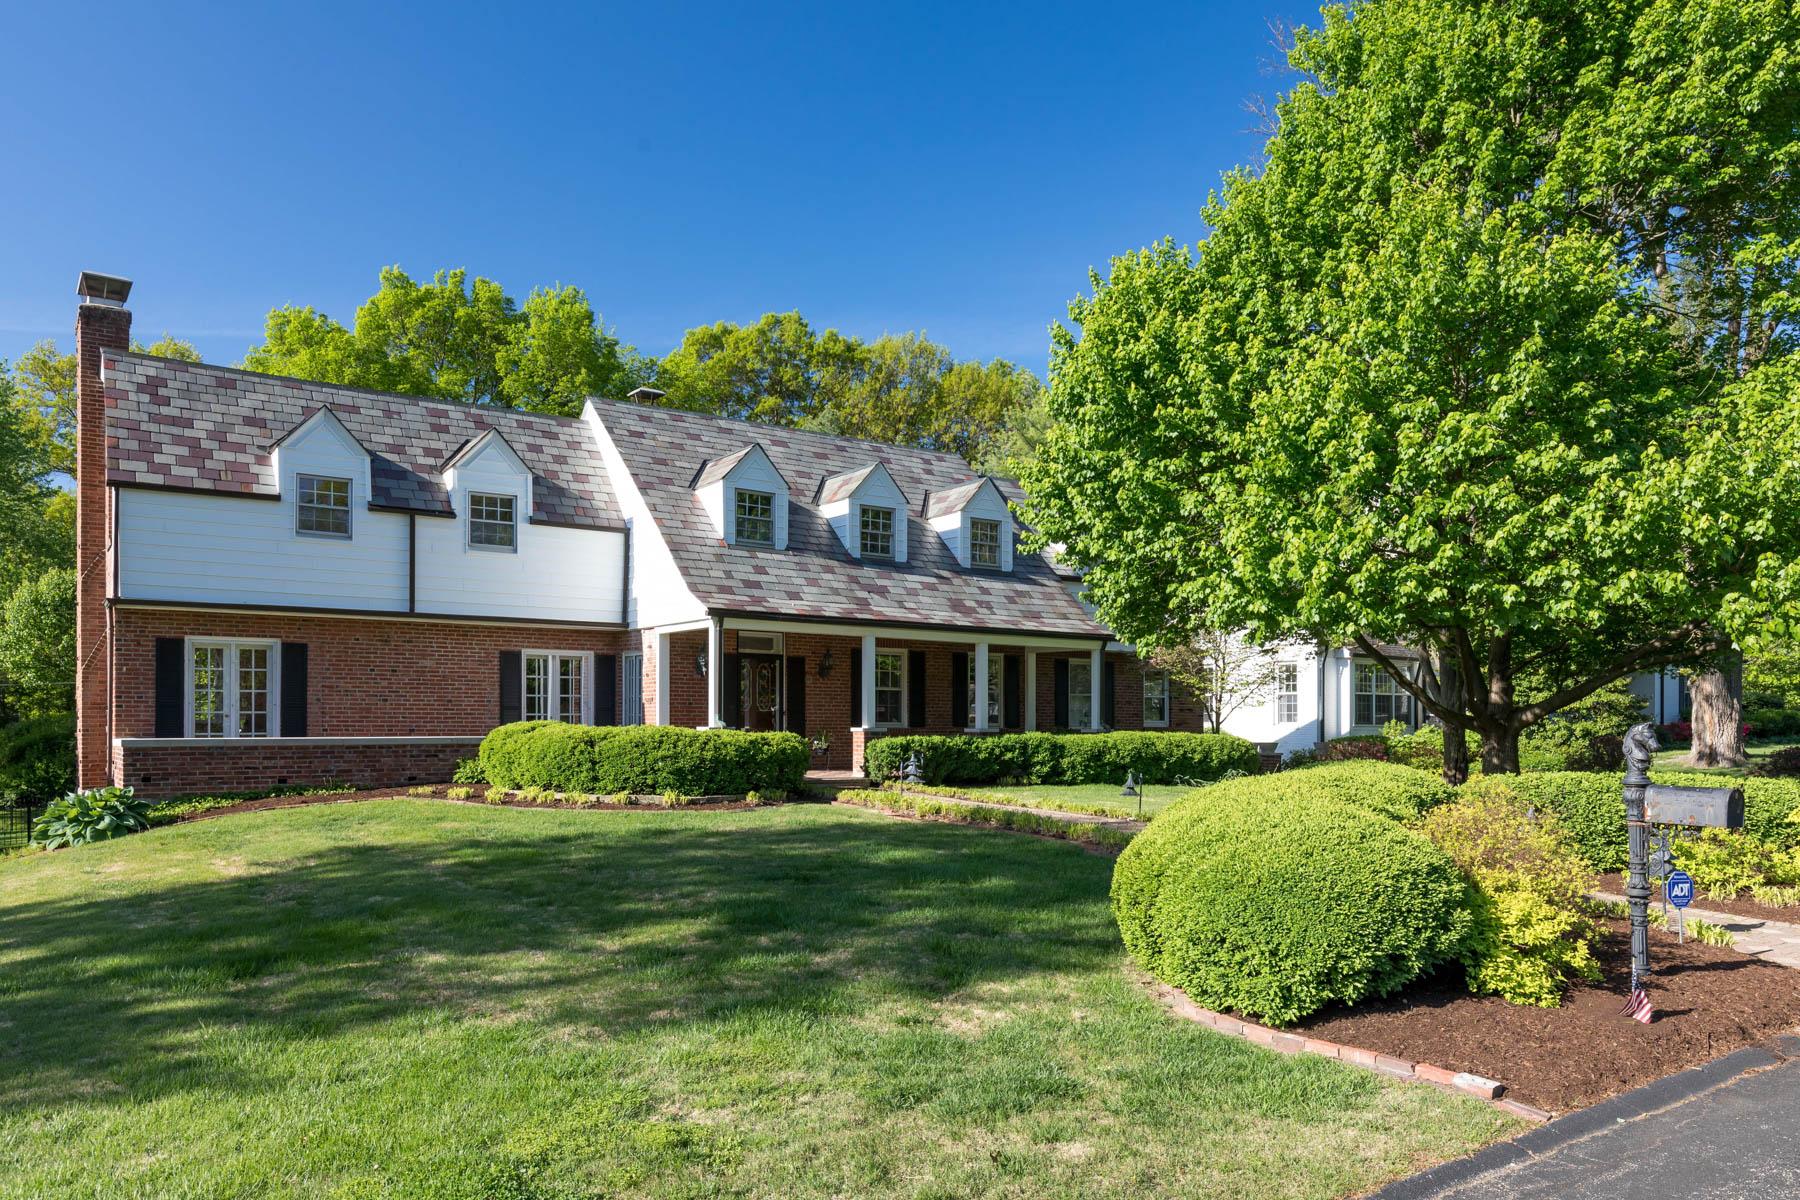 Casa Unifamiliar por un Venta en Layton Terrace 9 Layton Terrace St. Louis, Missouri, 63124 Estados Unidos